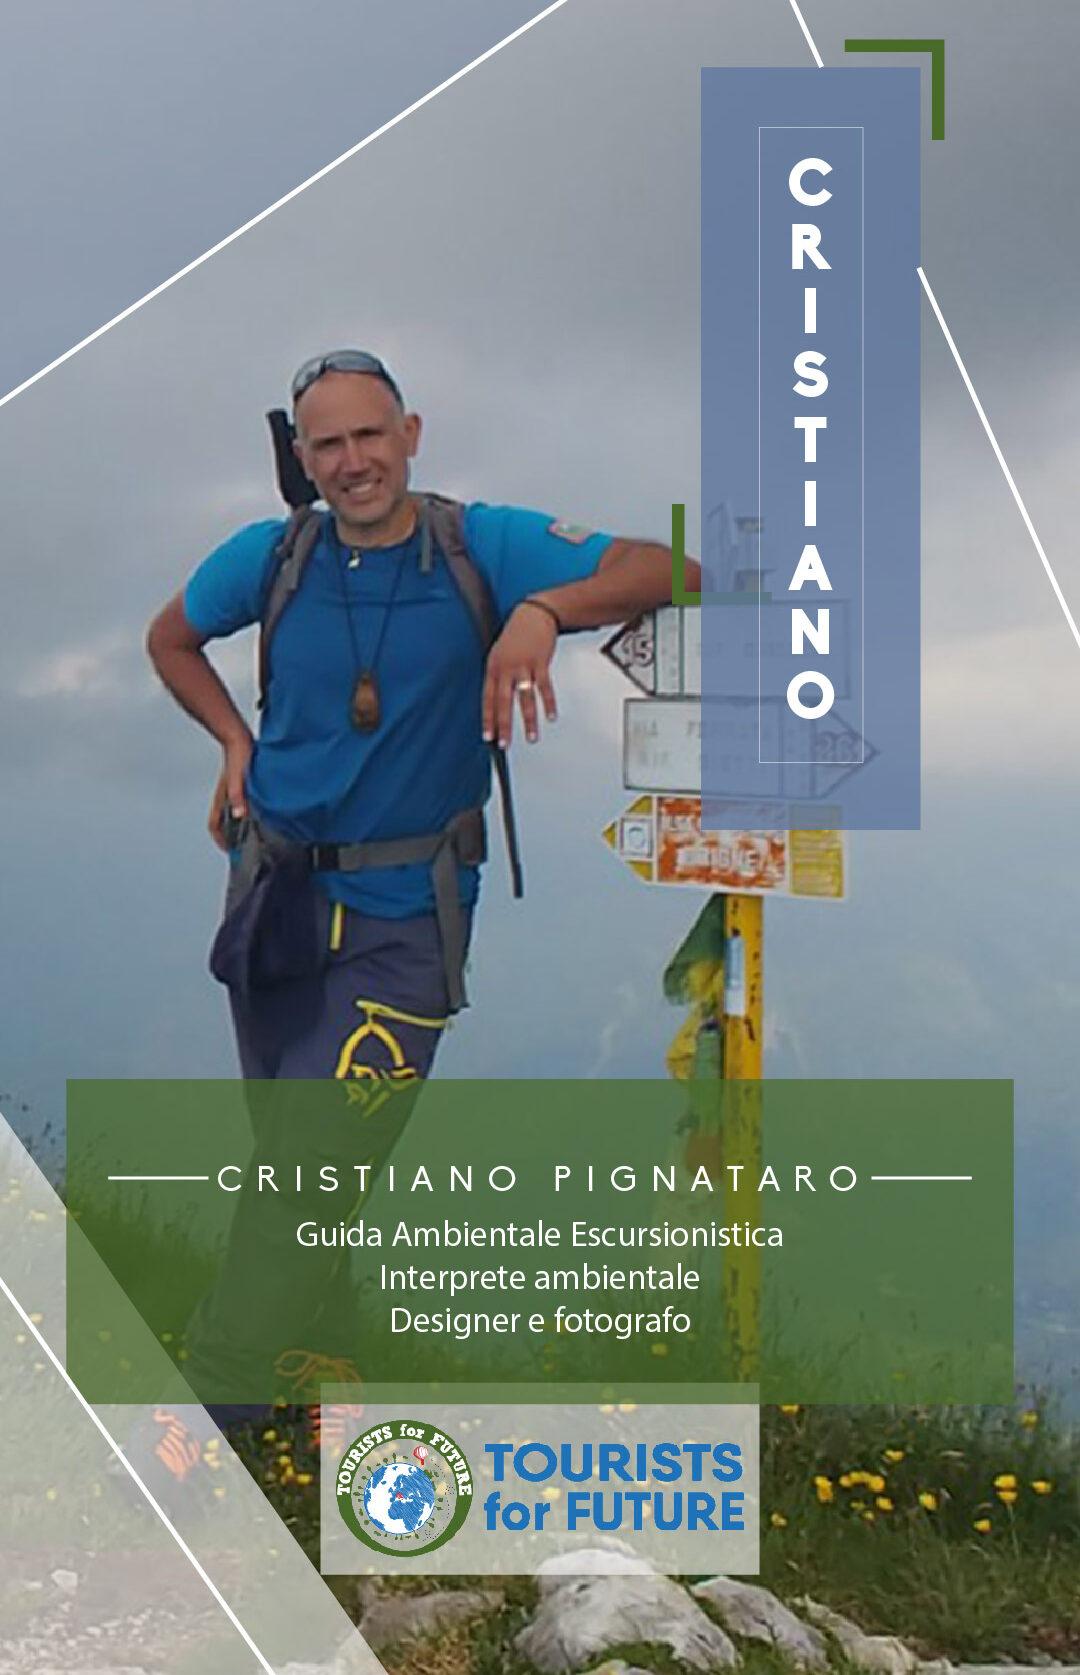 Cristiano Pignataro team memeber tourists4future fotografo guida ambientale escursionistica